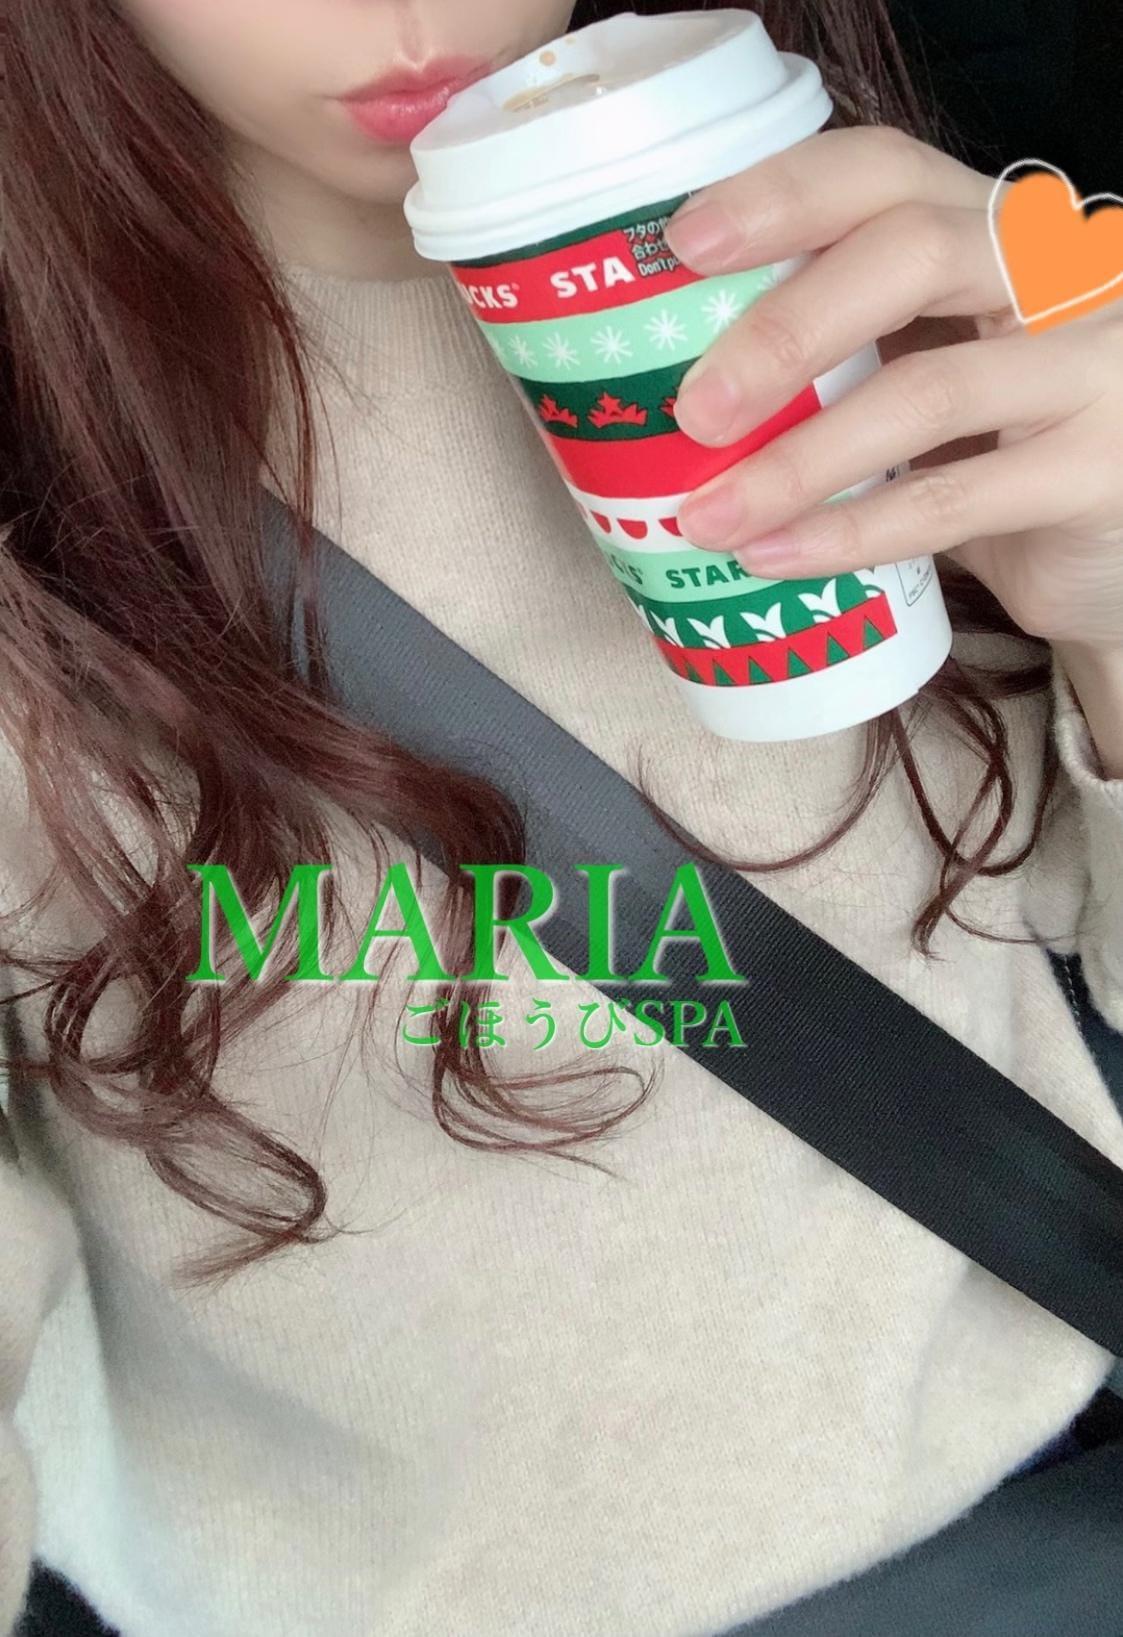 「526:)やたらと多い?」12/04(金) 22:40 | まりあの写メ・風俗動画